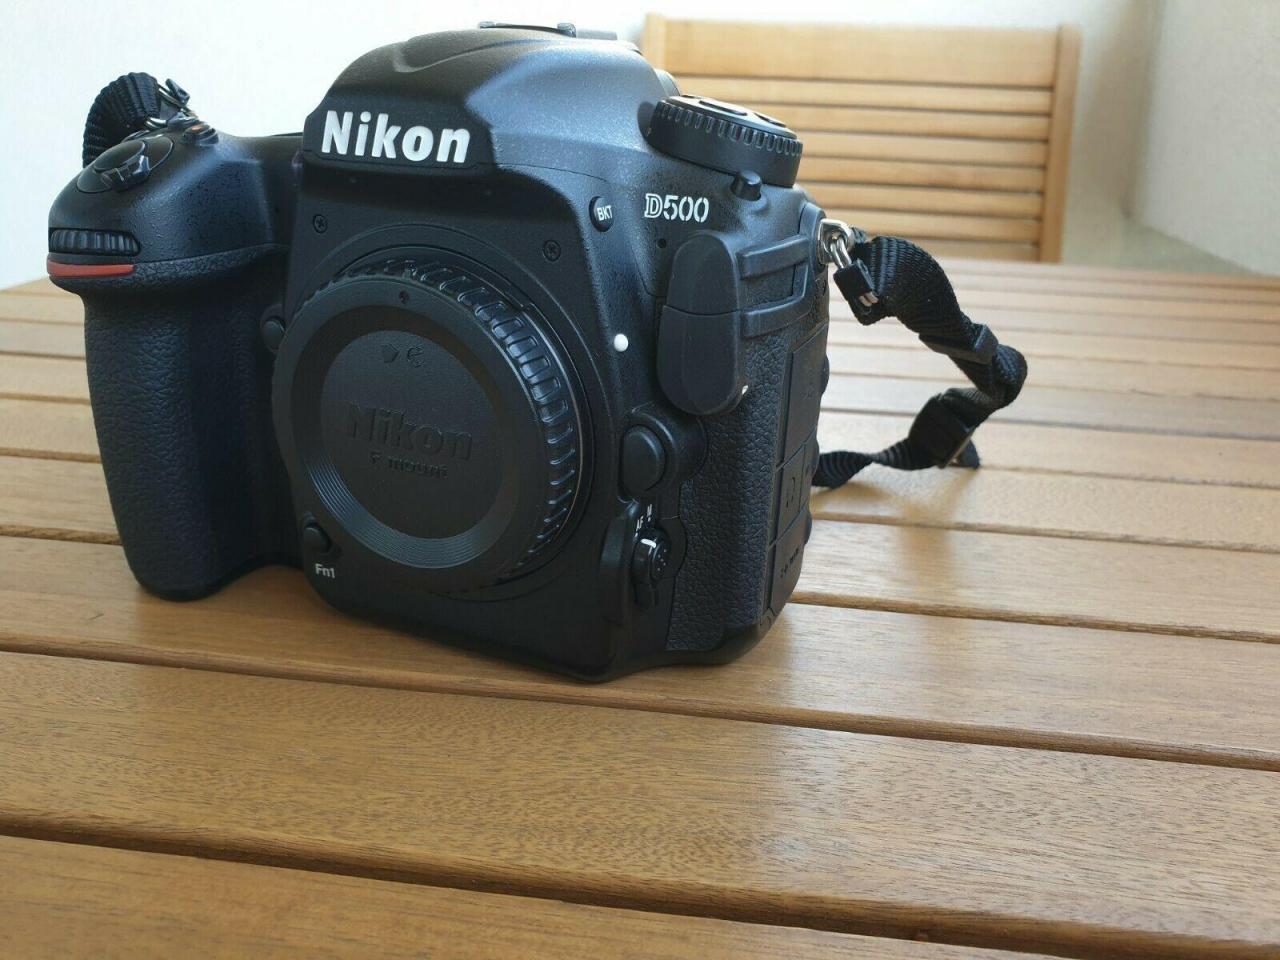 Nikon D500 камера в идеальном состоянии для продажи - 1